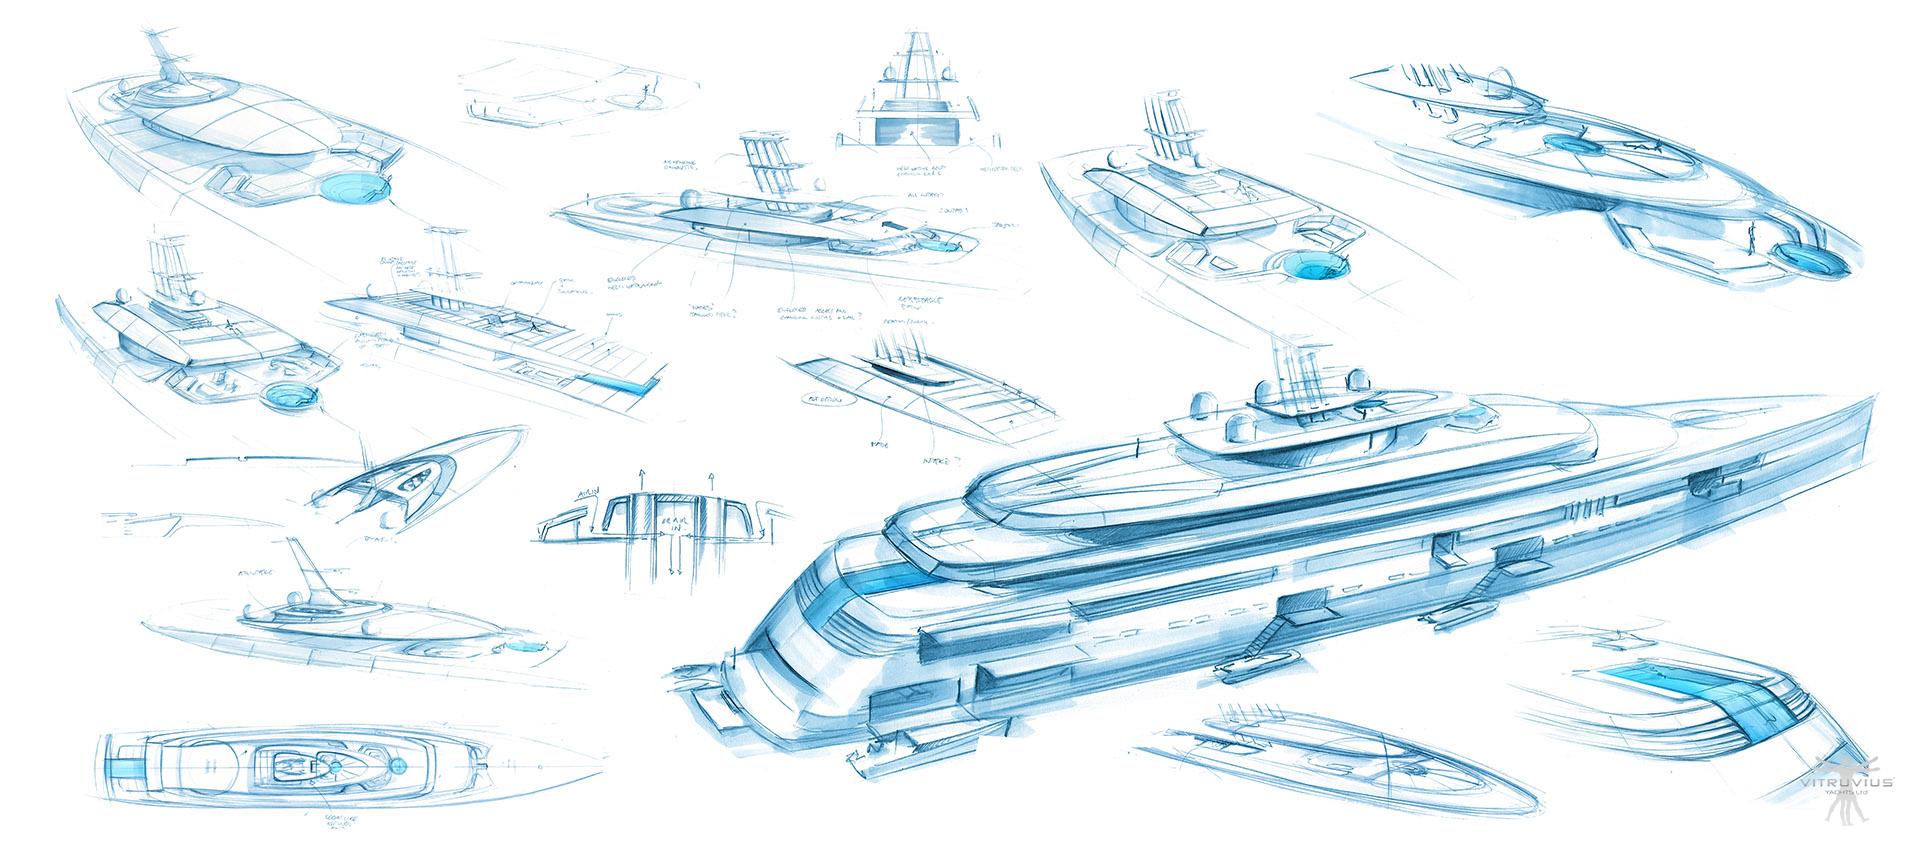 130m vitruvius yacht